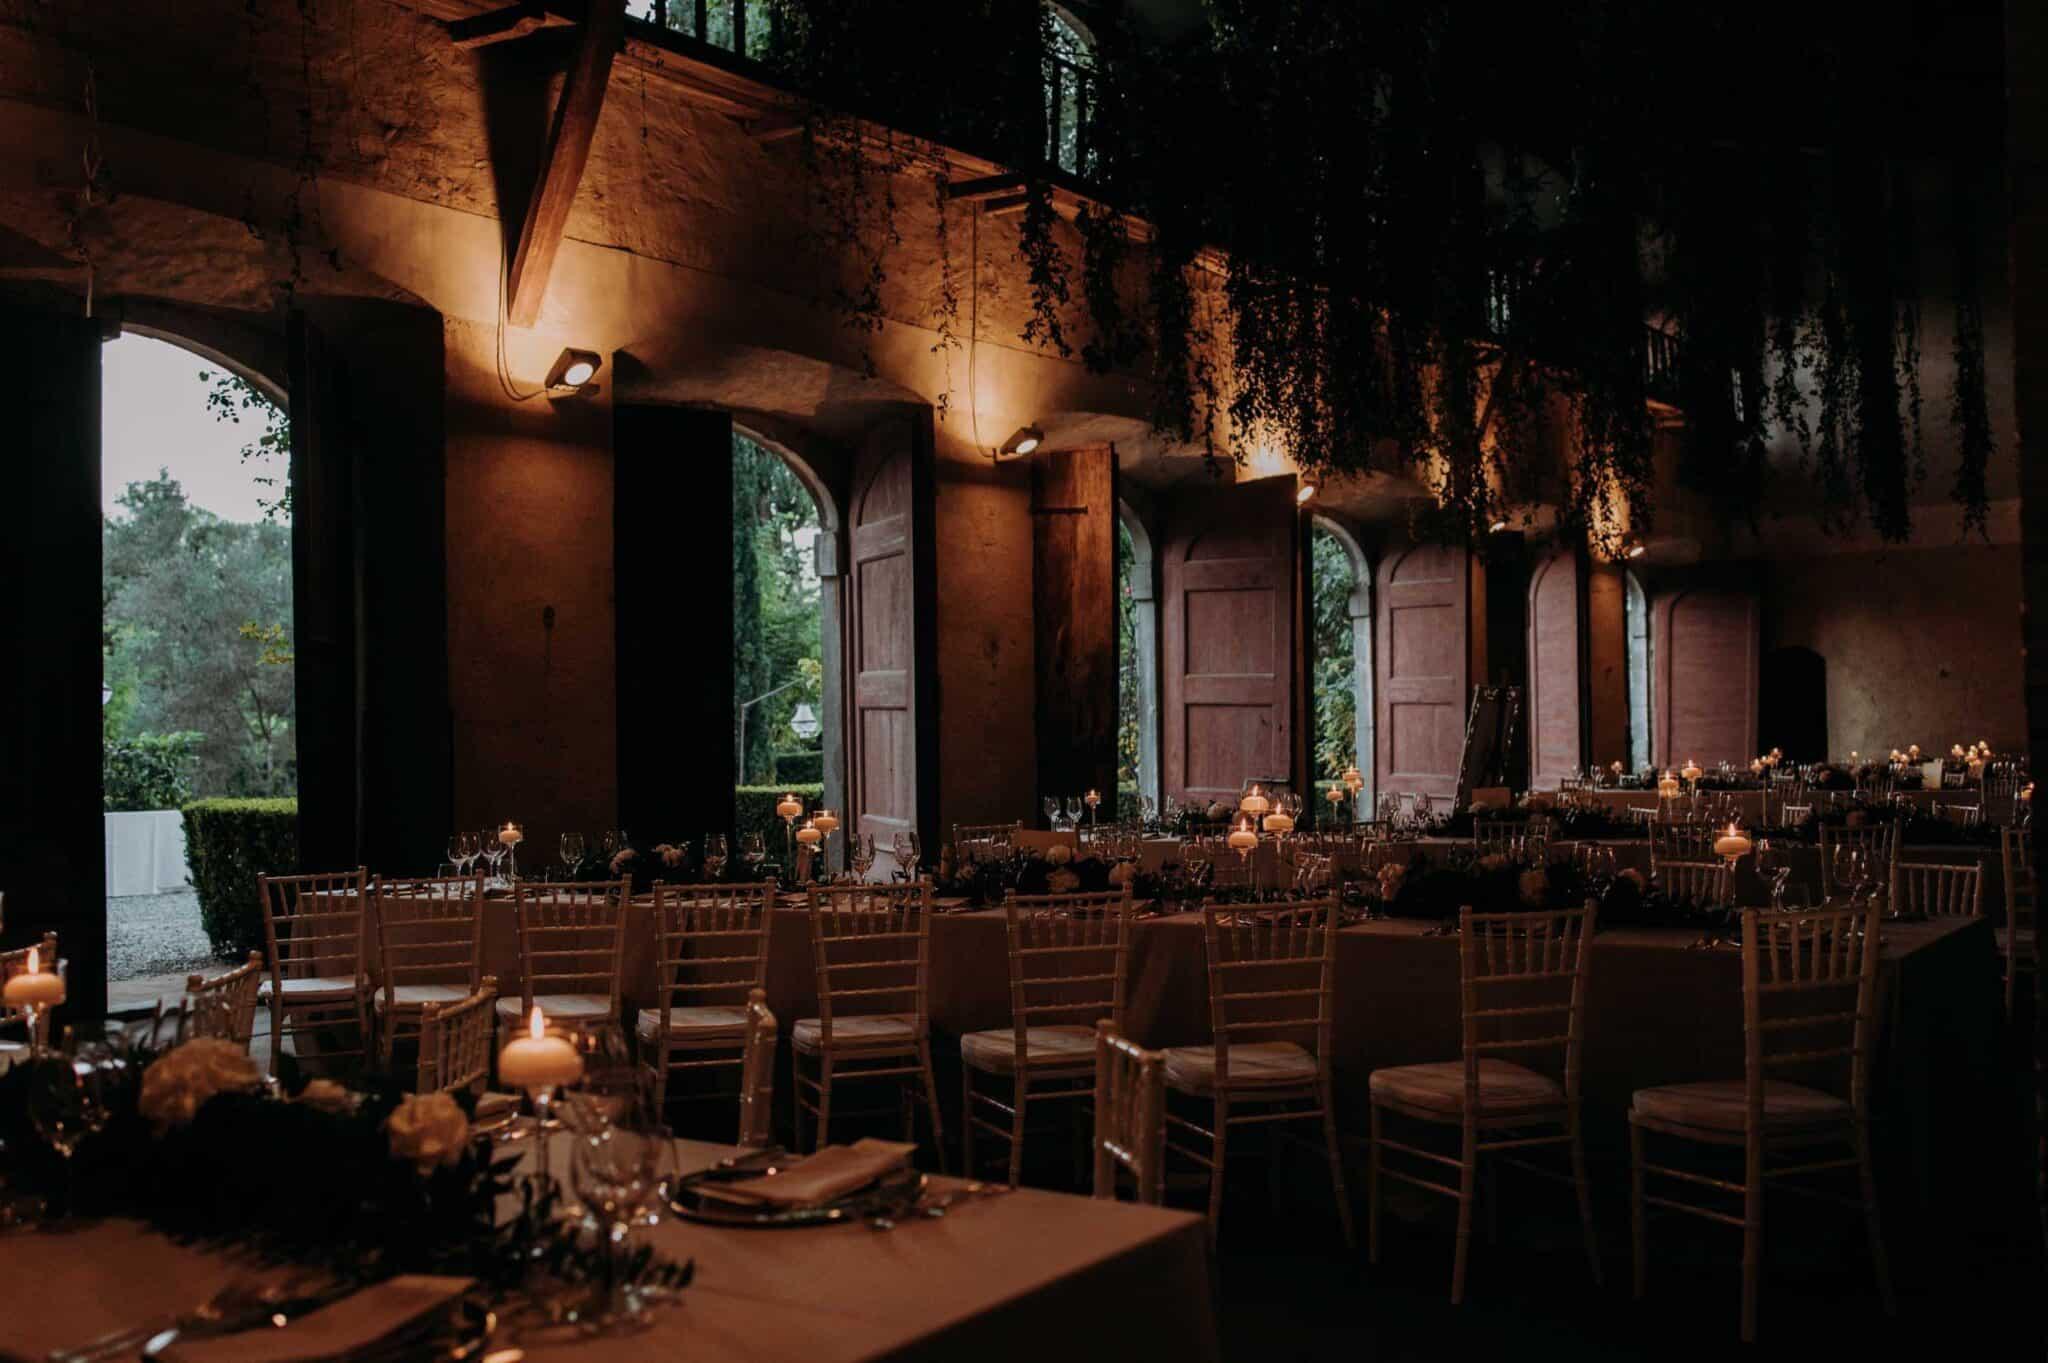 Wonderful table setting wedding in Villa Grabau